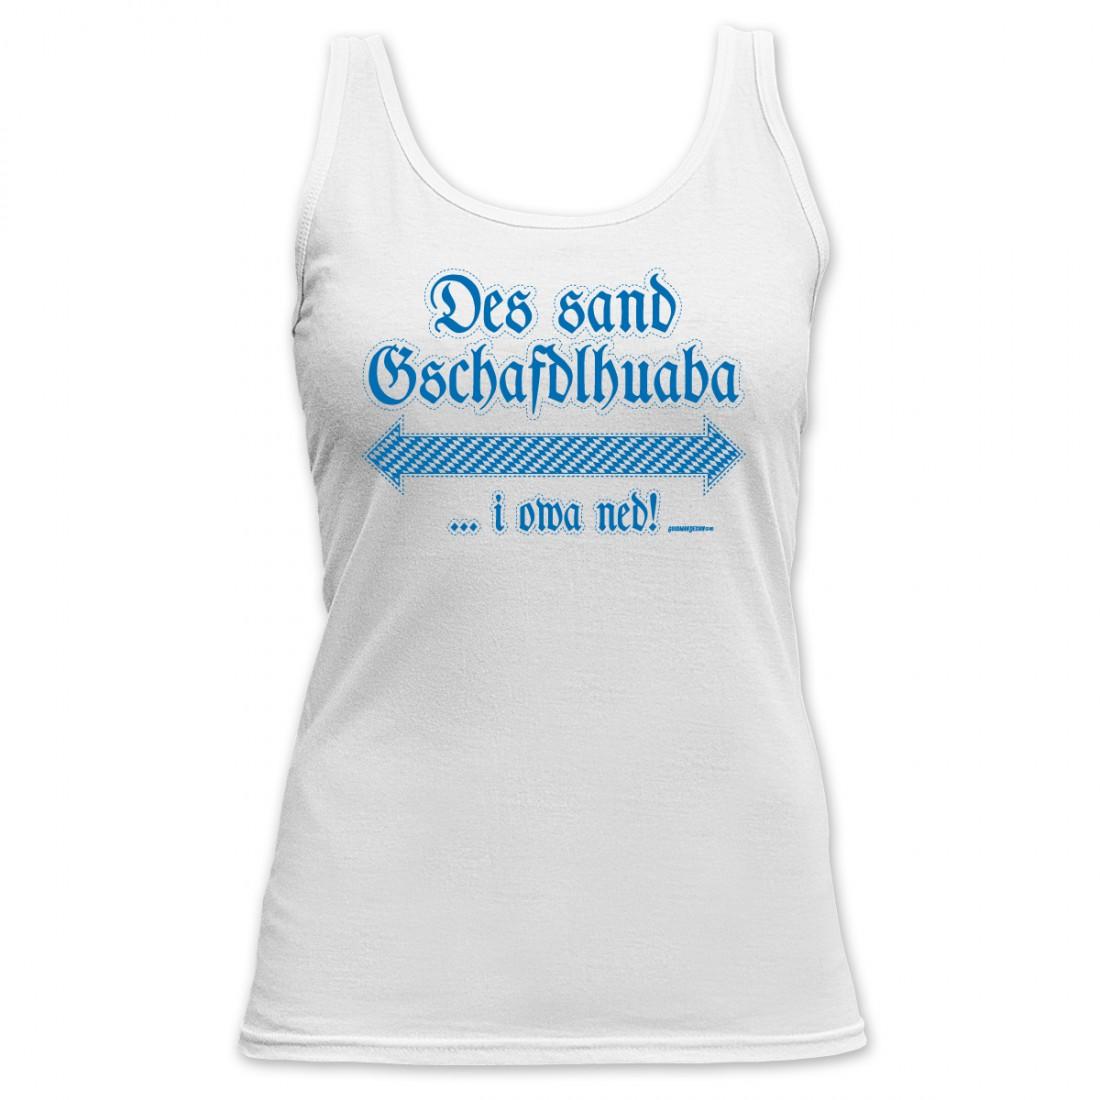 Mädchen Damen Top Gschafdlhuaba Party Shirt Bayerisch Spruch